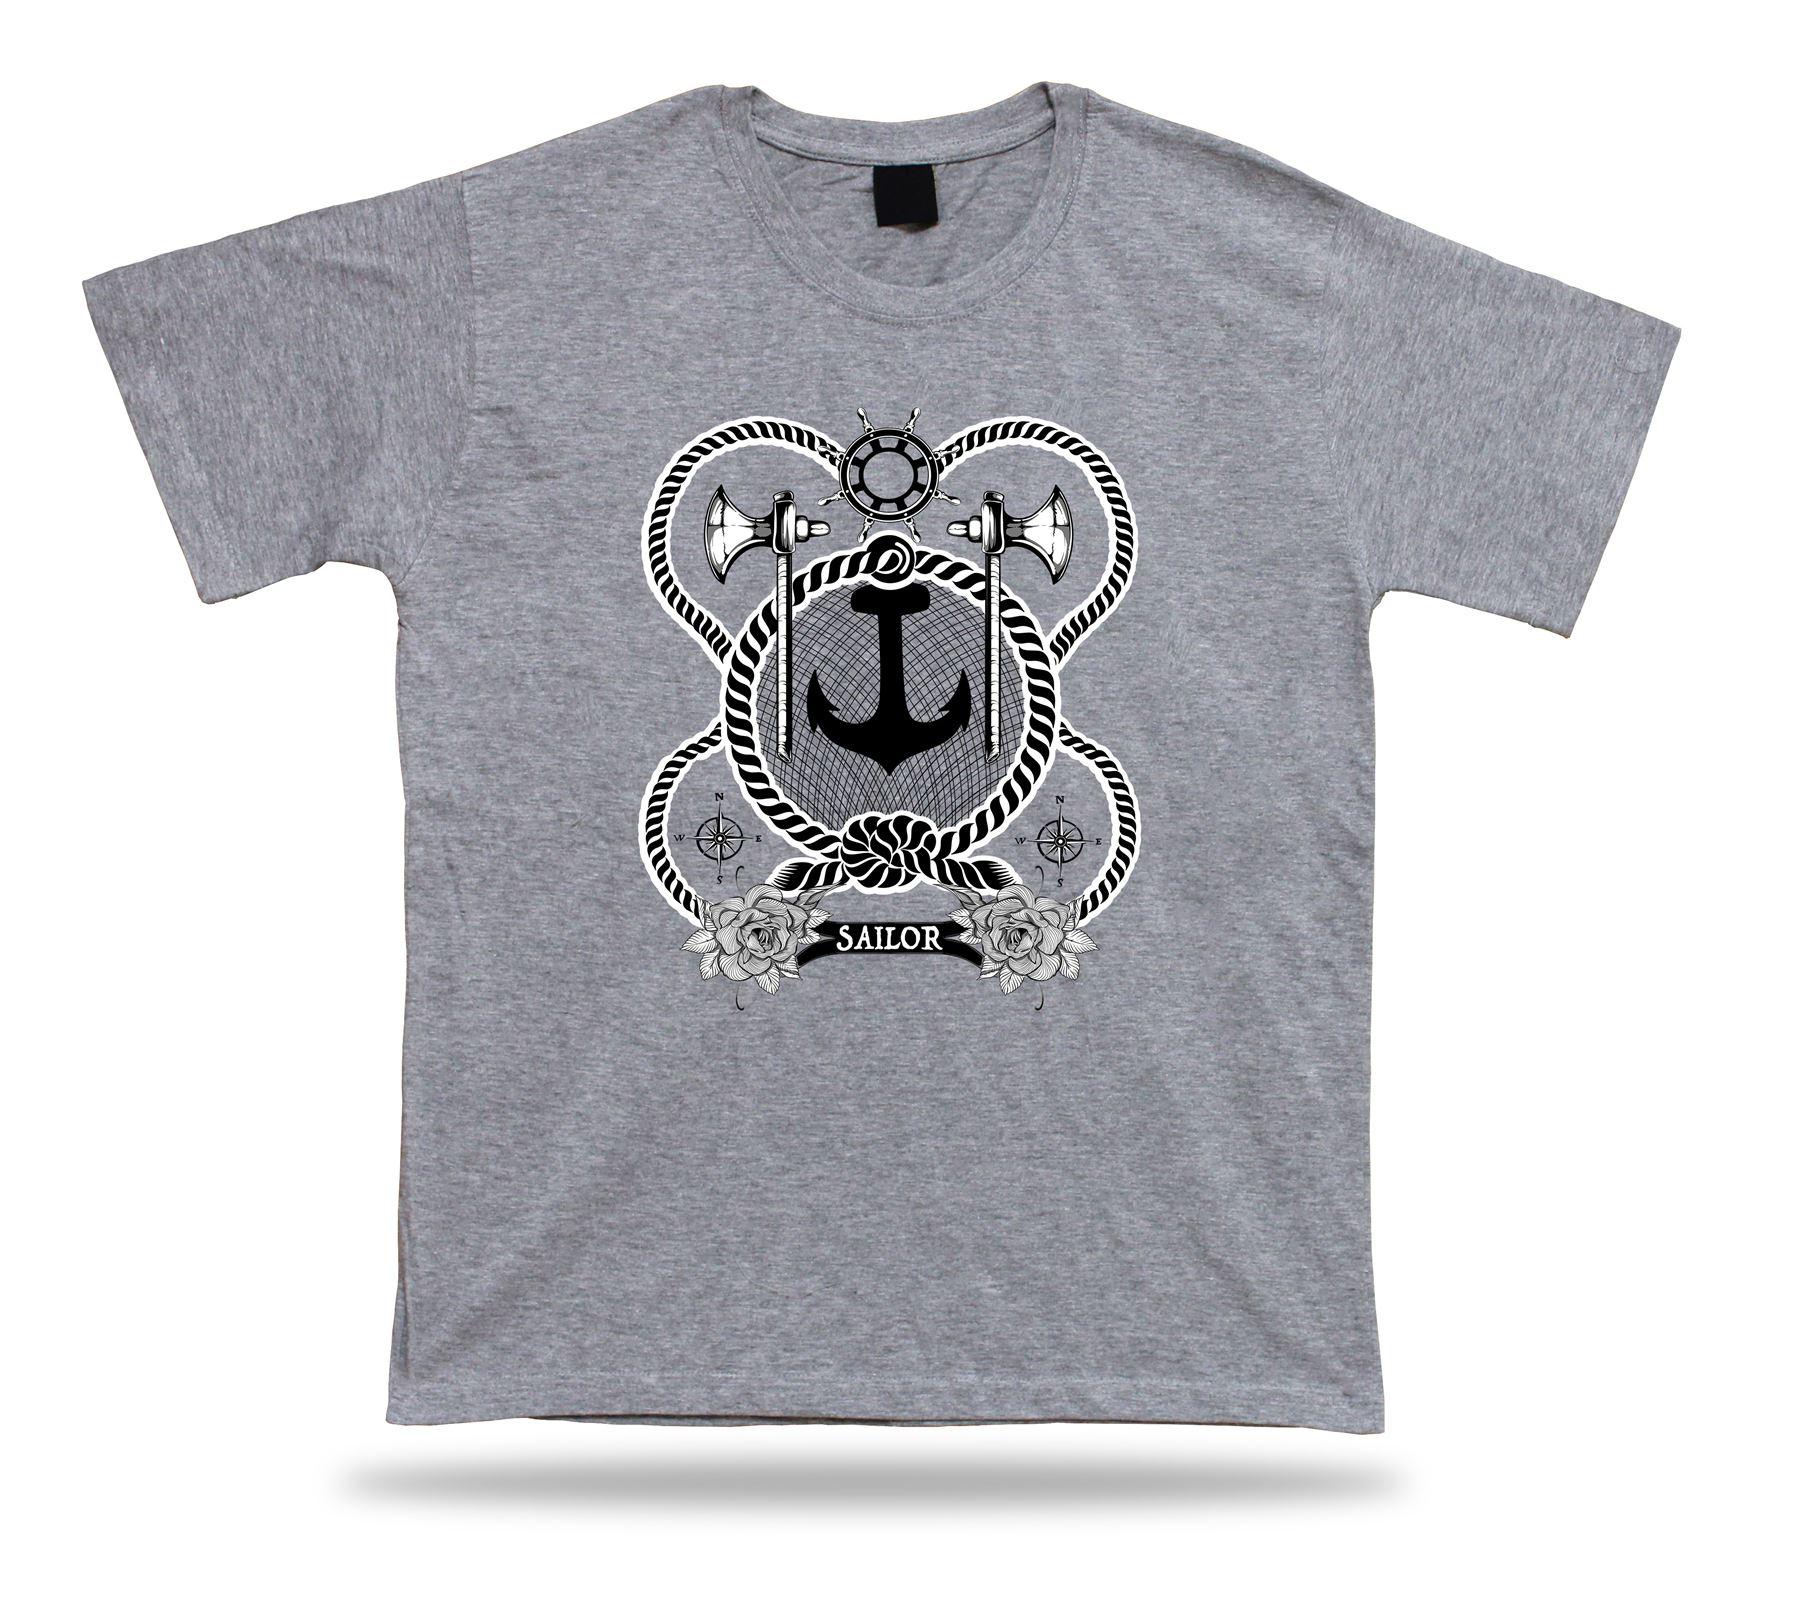 Tshirt Tee Shirt Birthday Gift Idea Sailor Elements